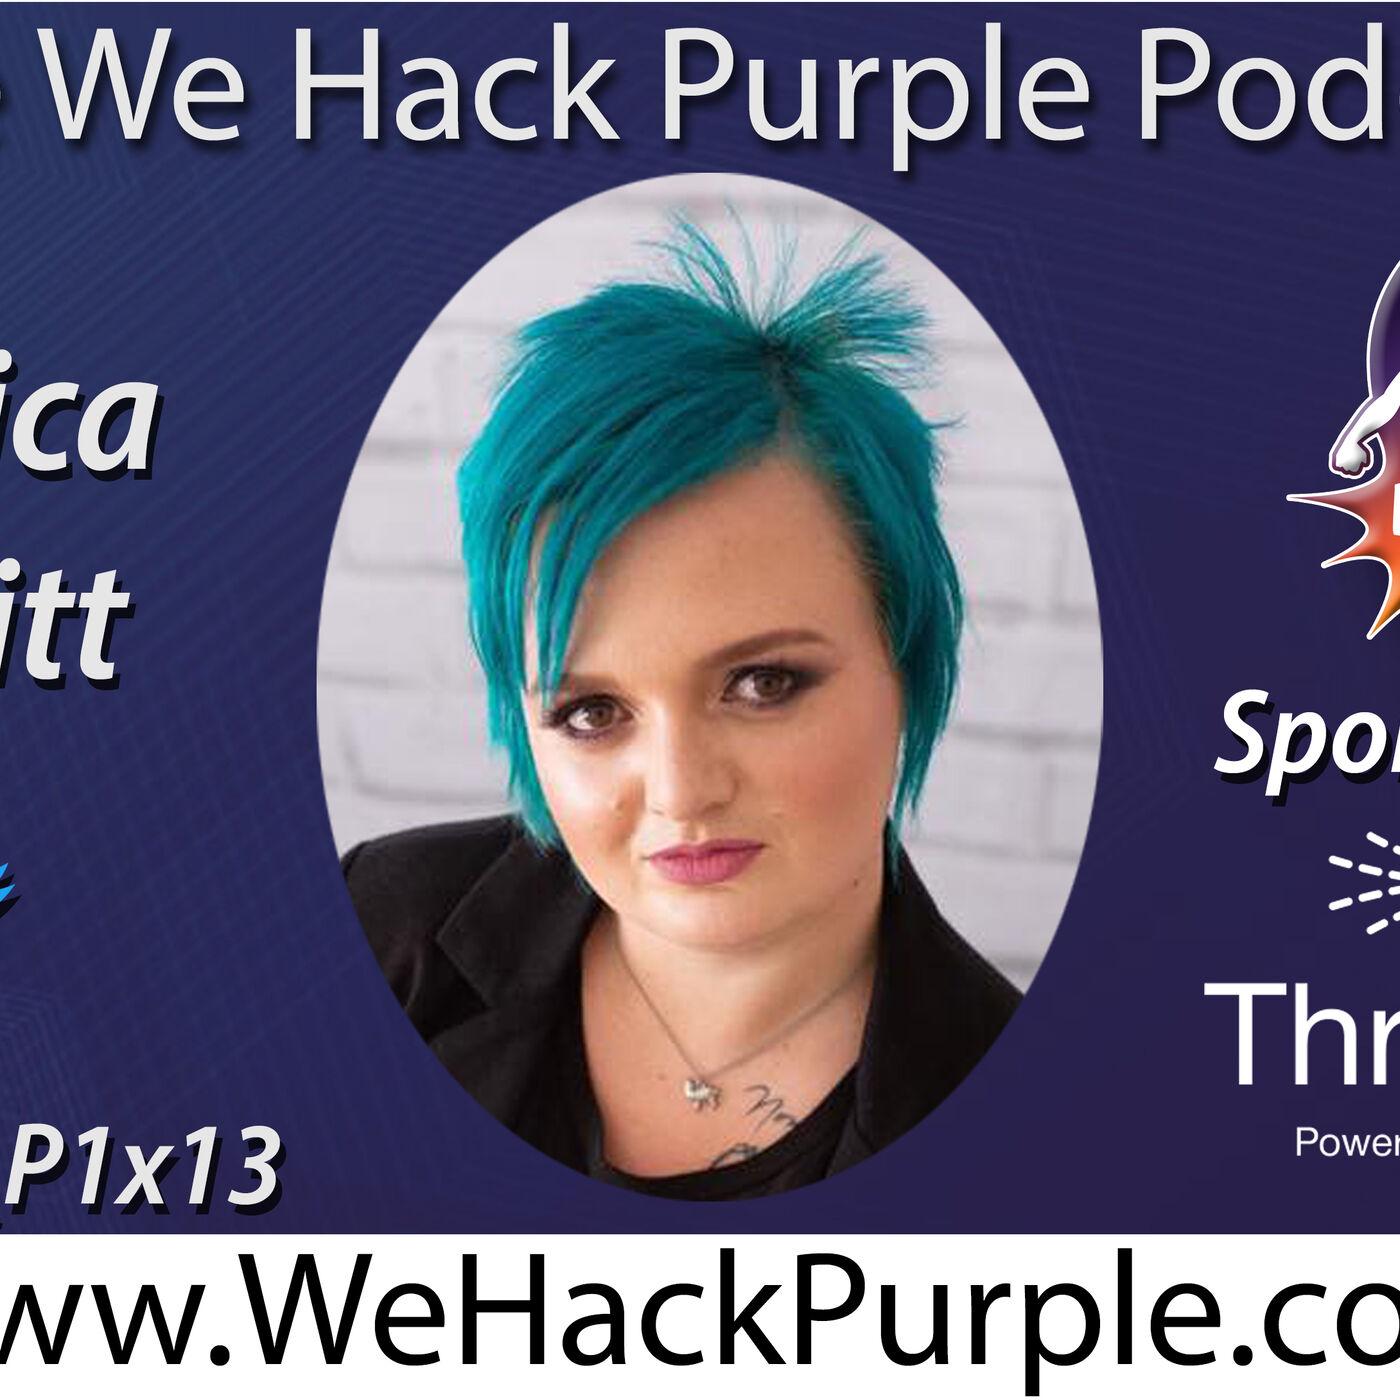 We Hack Purple Podcast Episode 30 with Guest Veronica Schmitt